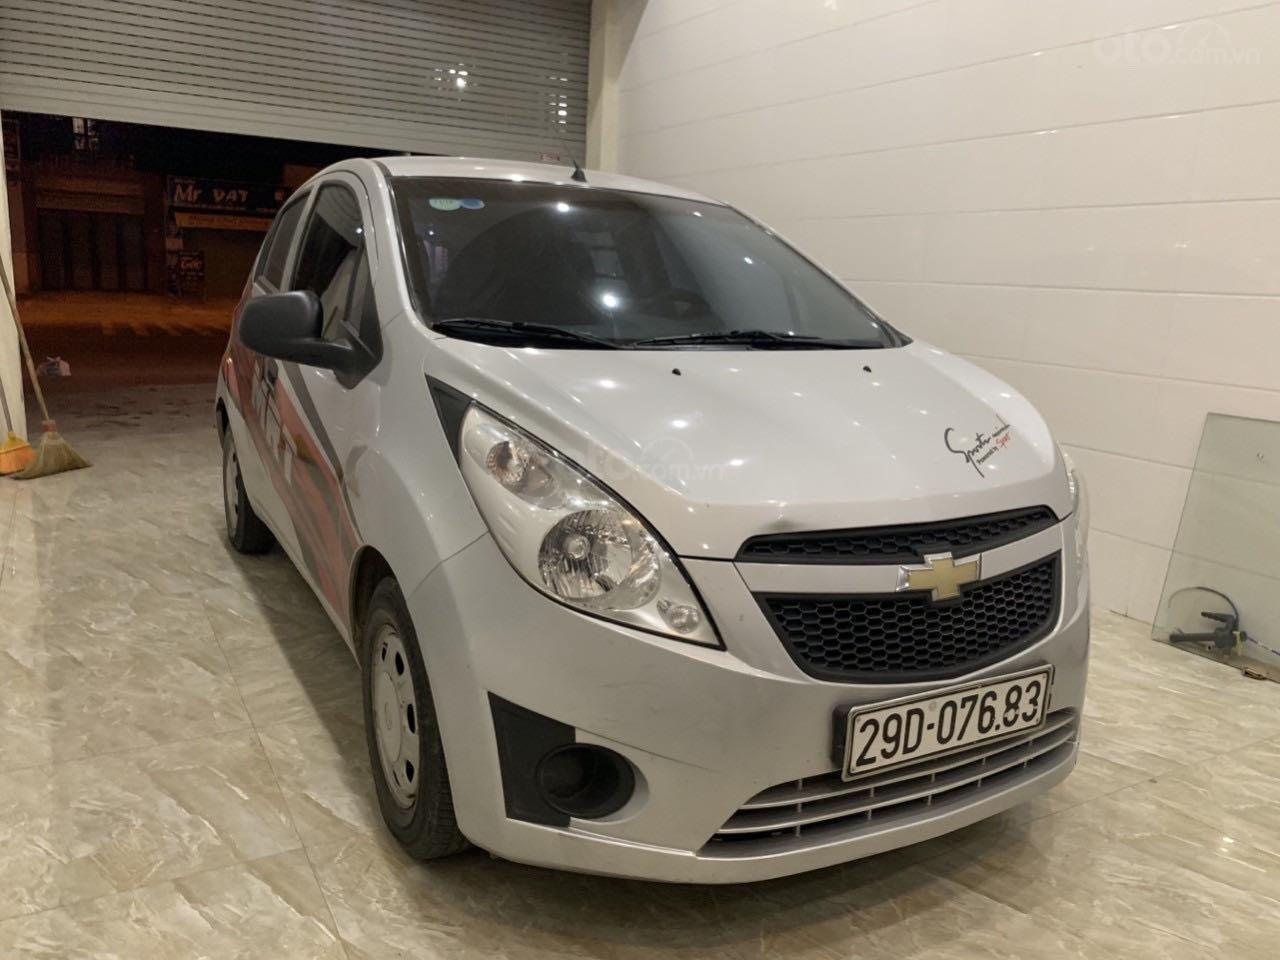 Bán Chevrolet Spark nhập khẩu đời 2011, liên hệ: 0981087997 (5)